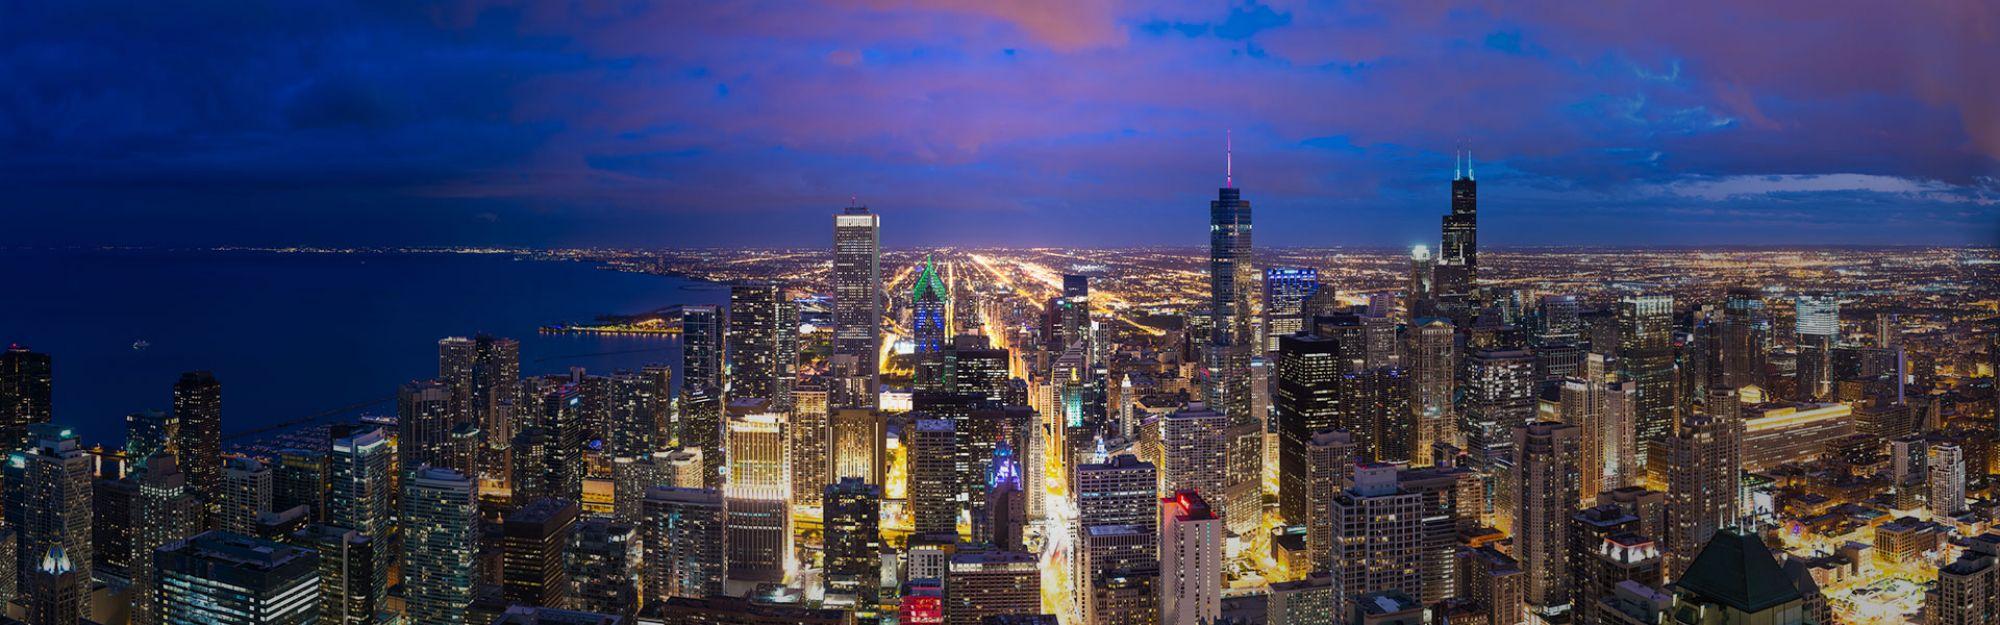 芝加哥 360 Chicago